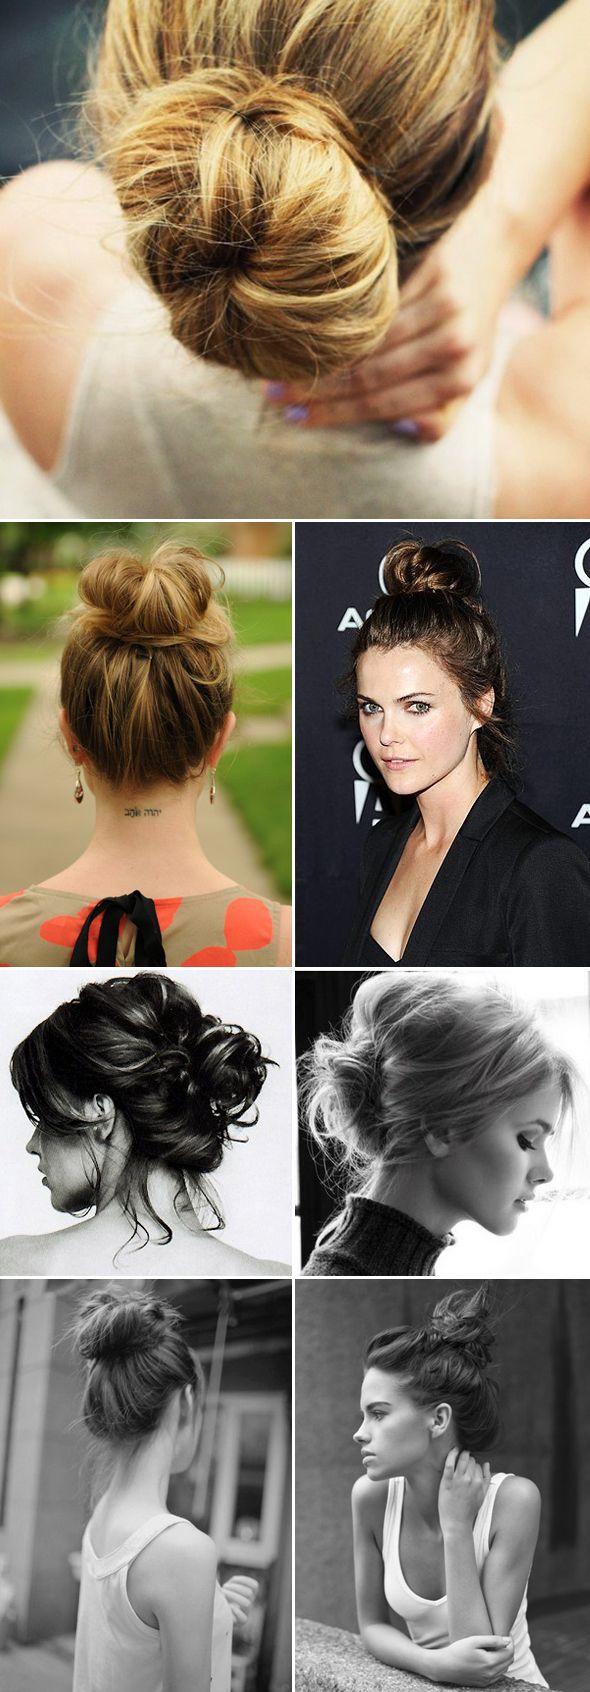 hair buns!